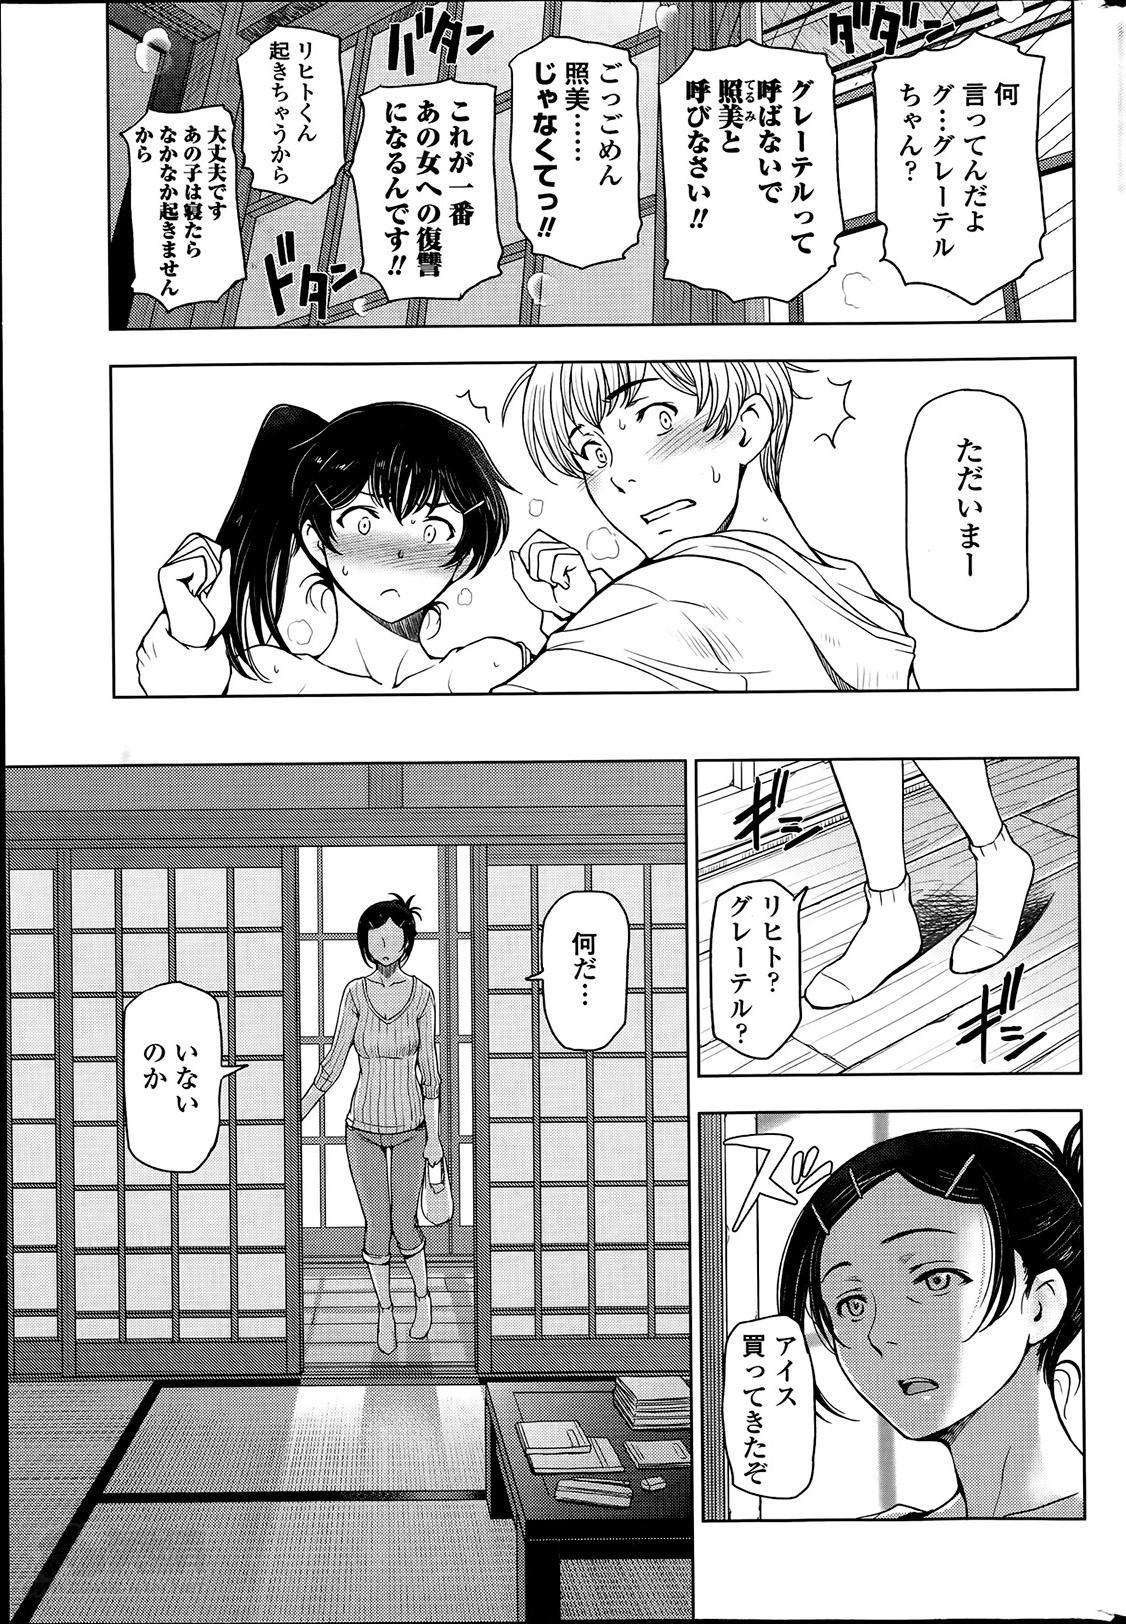 Natsu jiru + extra 48